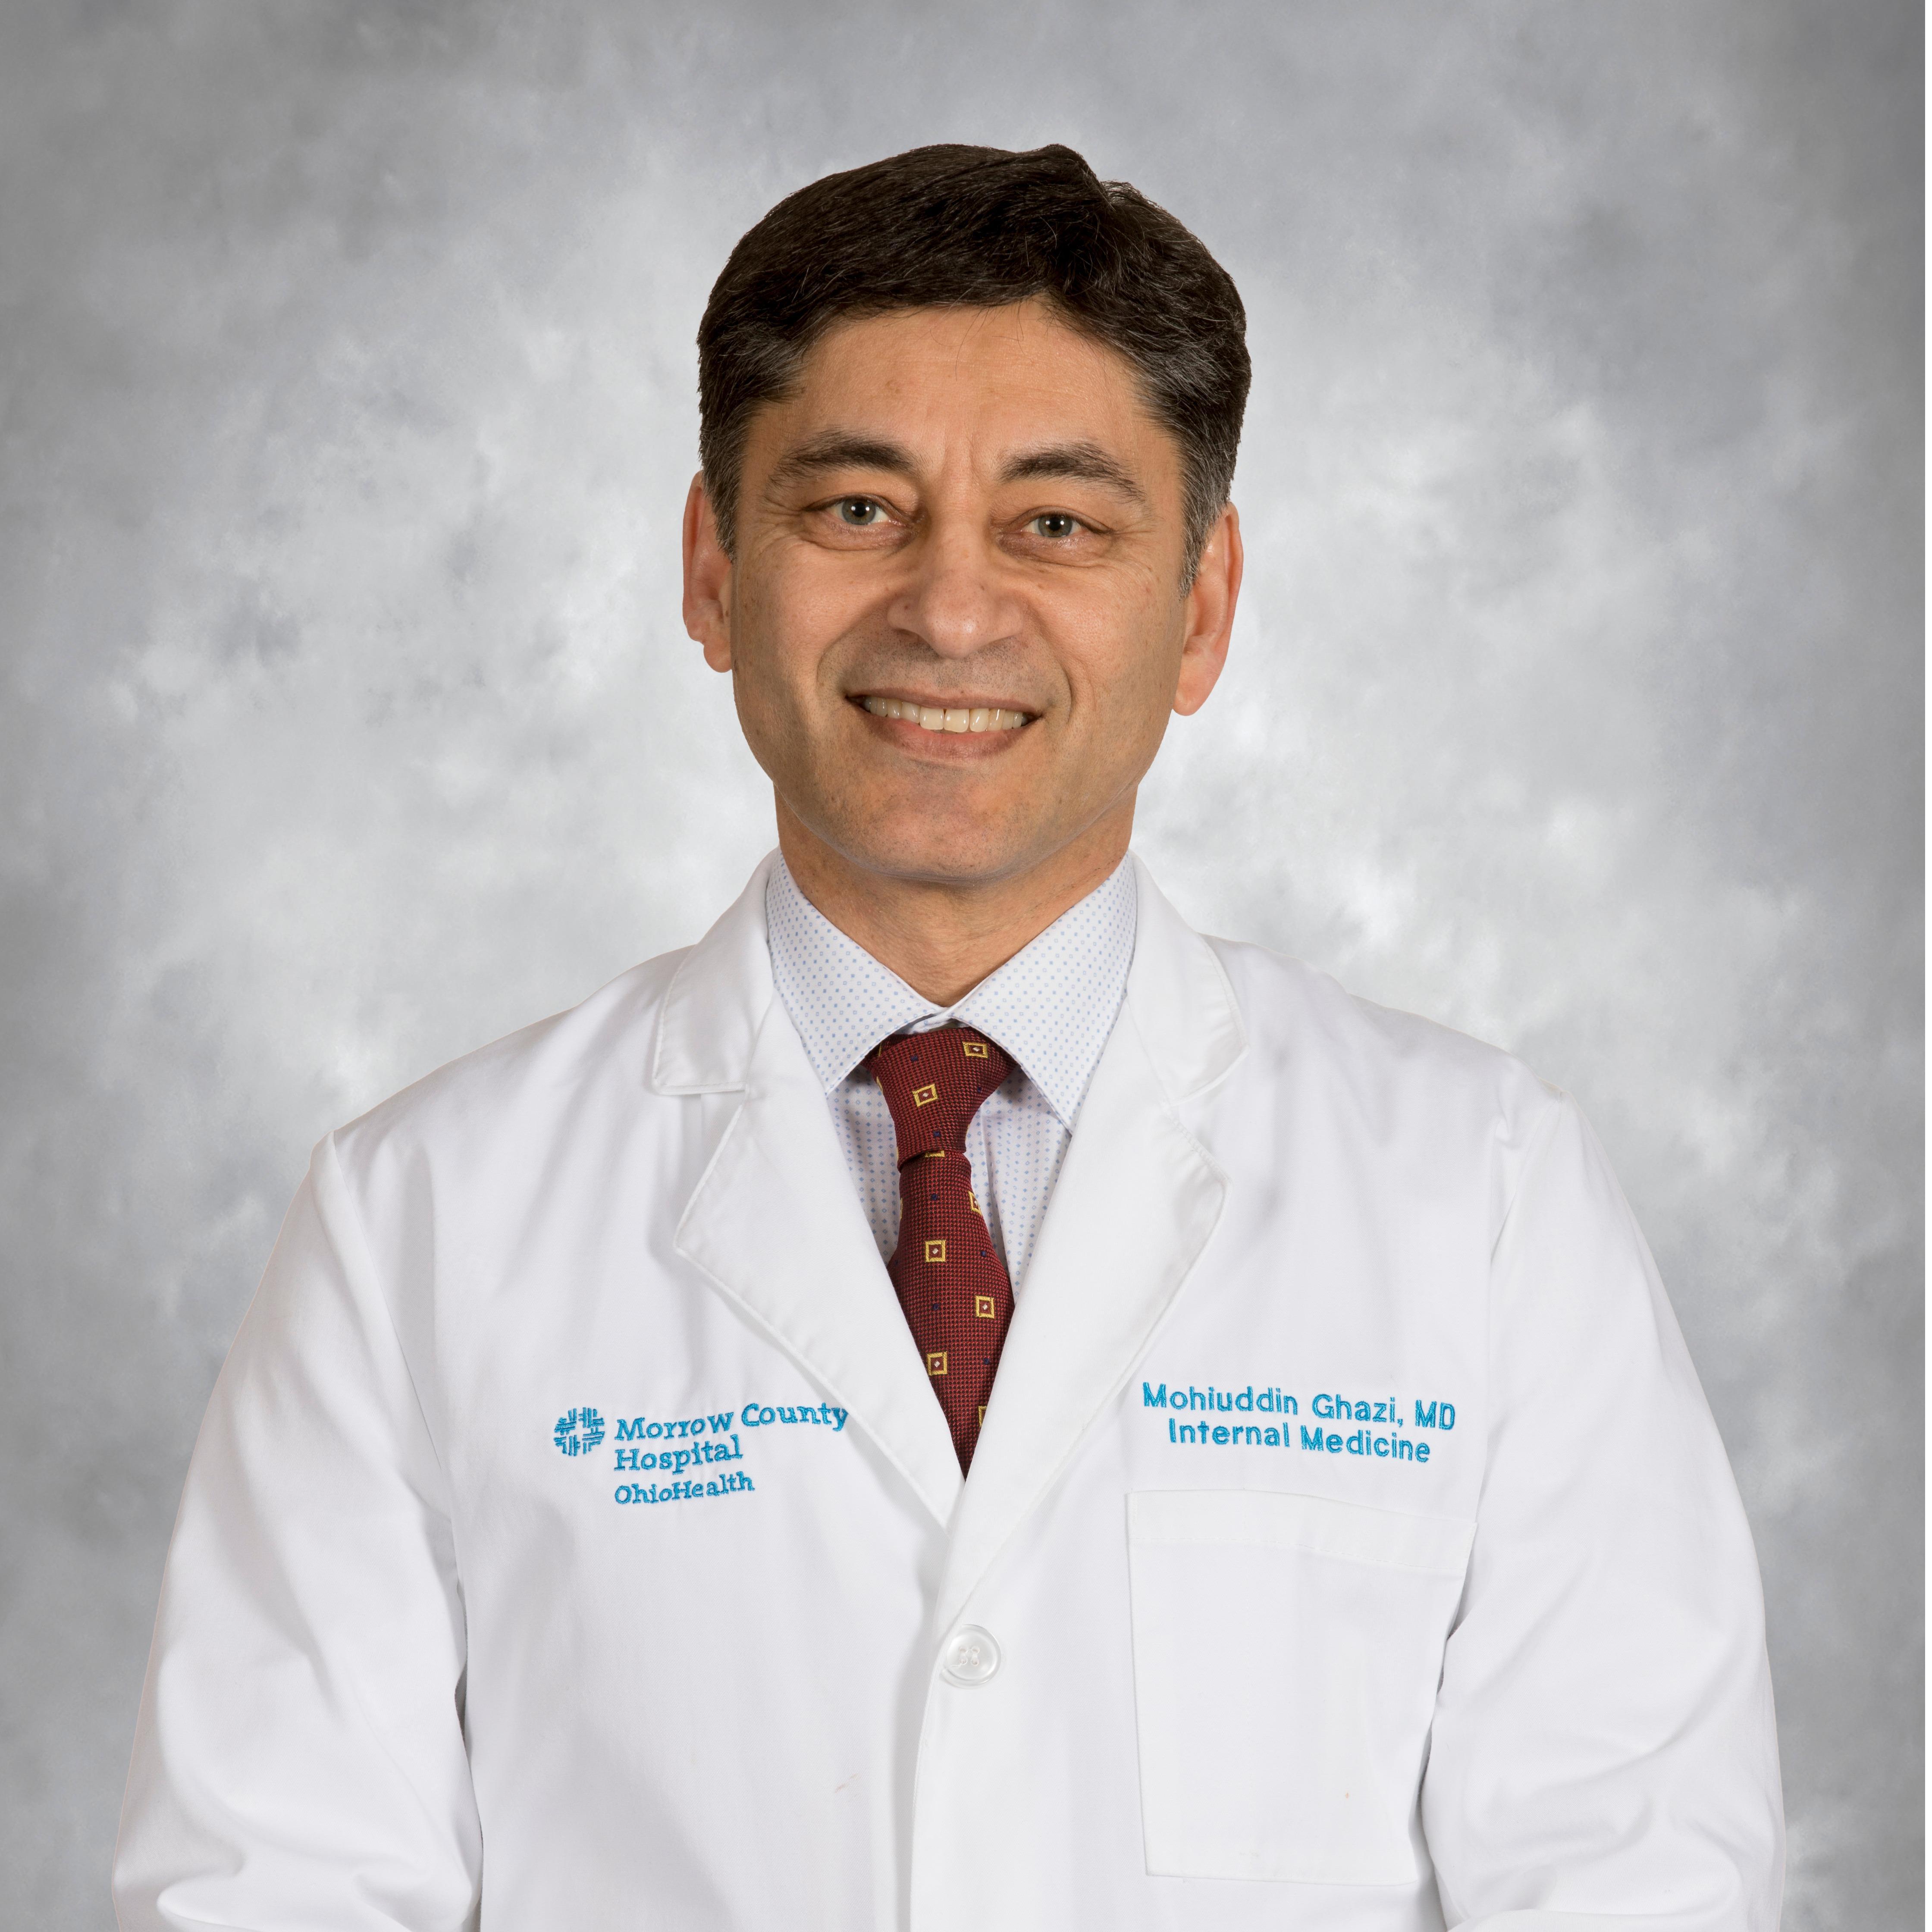 Mohiuddin Ghazi, MD